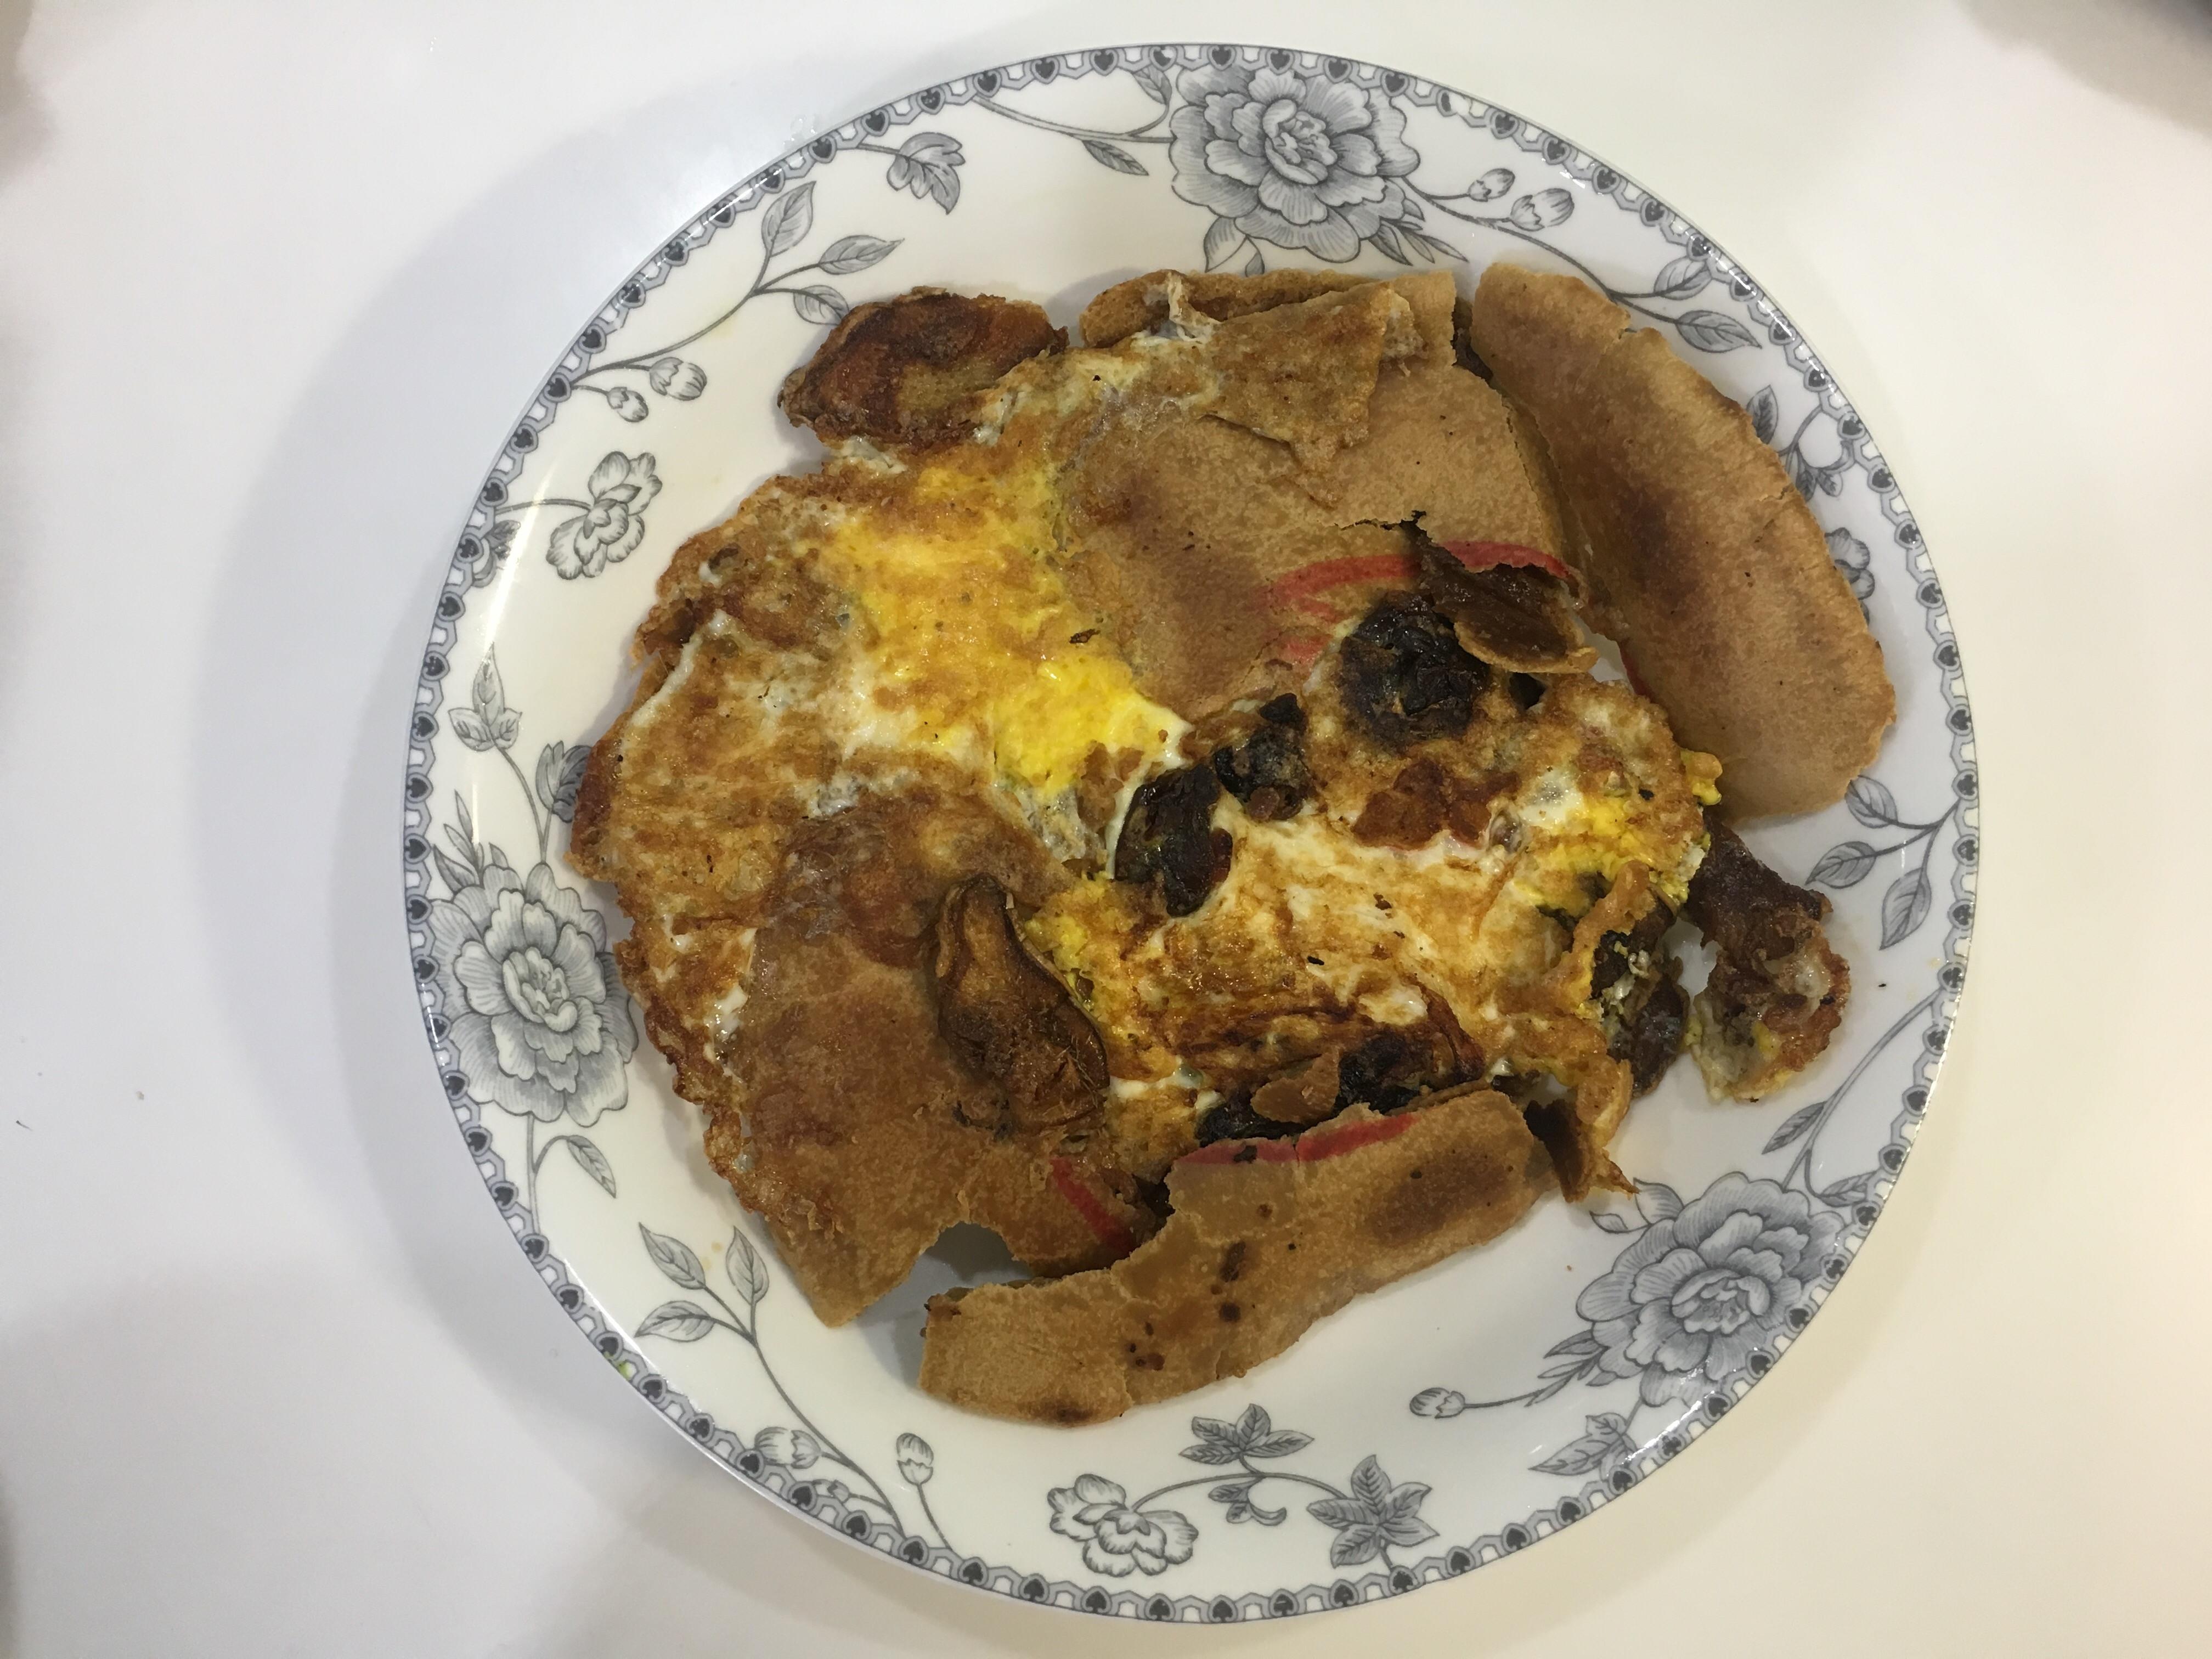 麻油蛋煎香餅(椪餅)佐龍眼乾